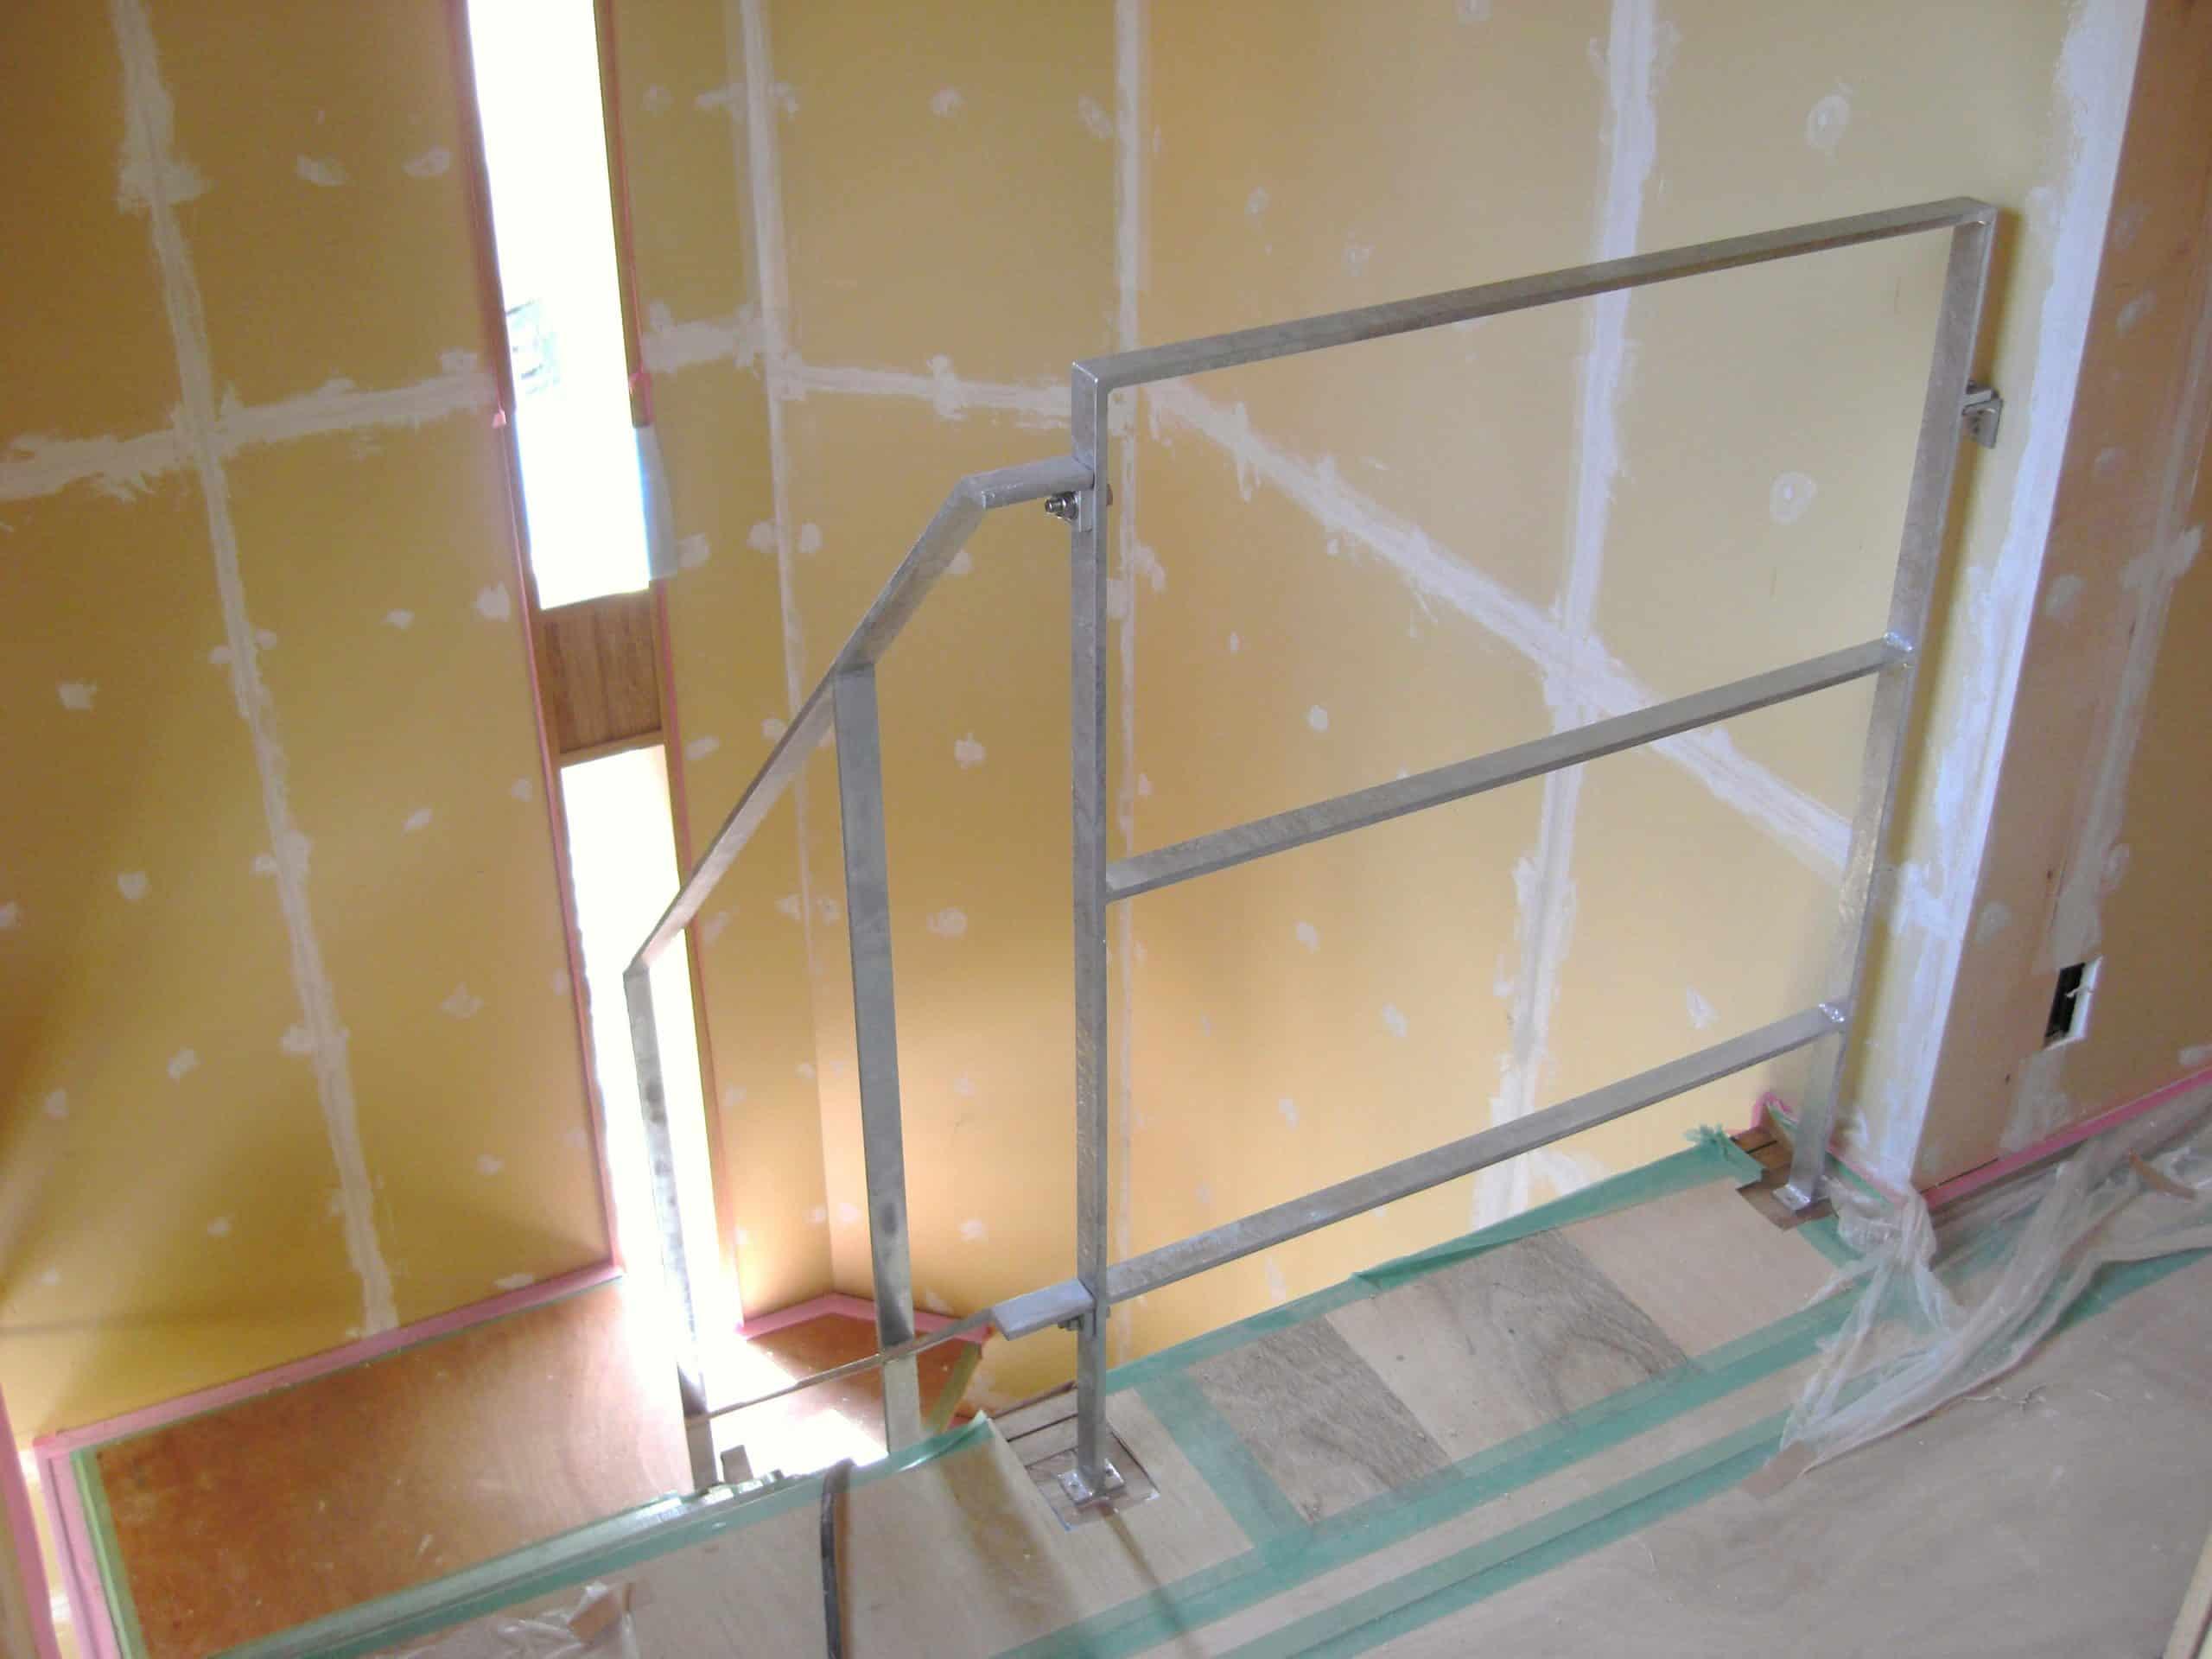 住宅のメッキ手すりと落下防止柵を製作施工しました